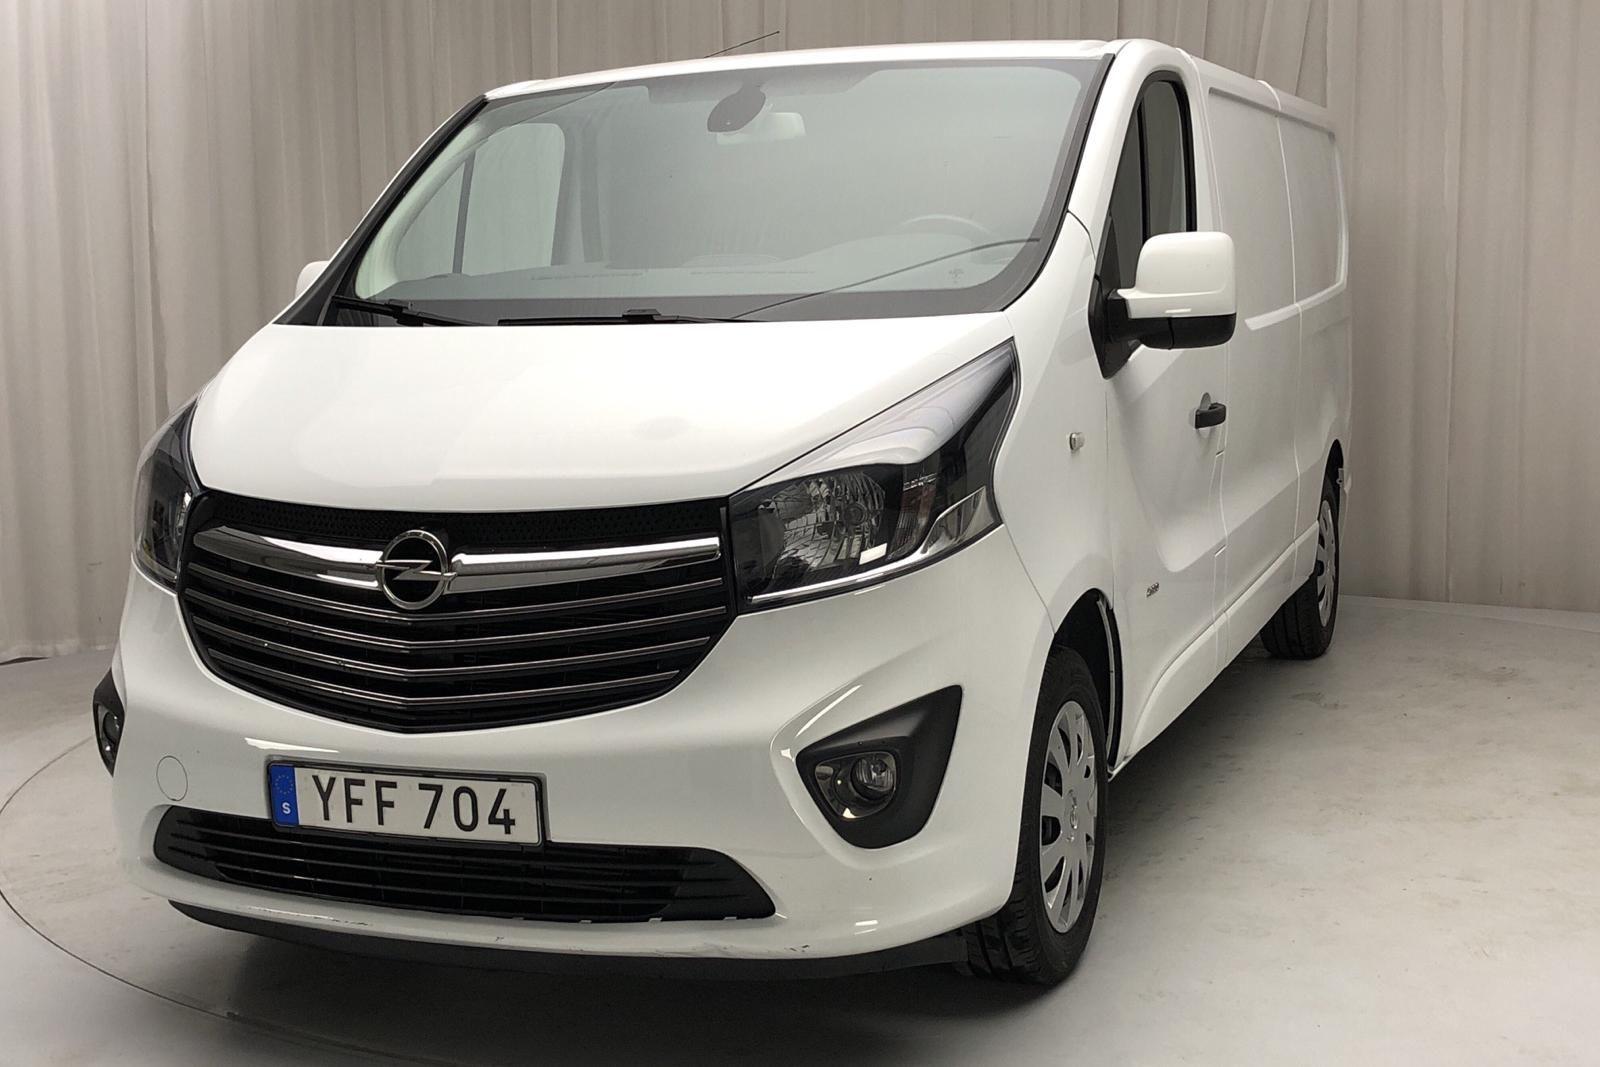 Opel Vivaro 1.6 CDTI (120hk)